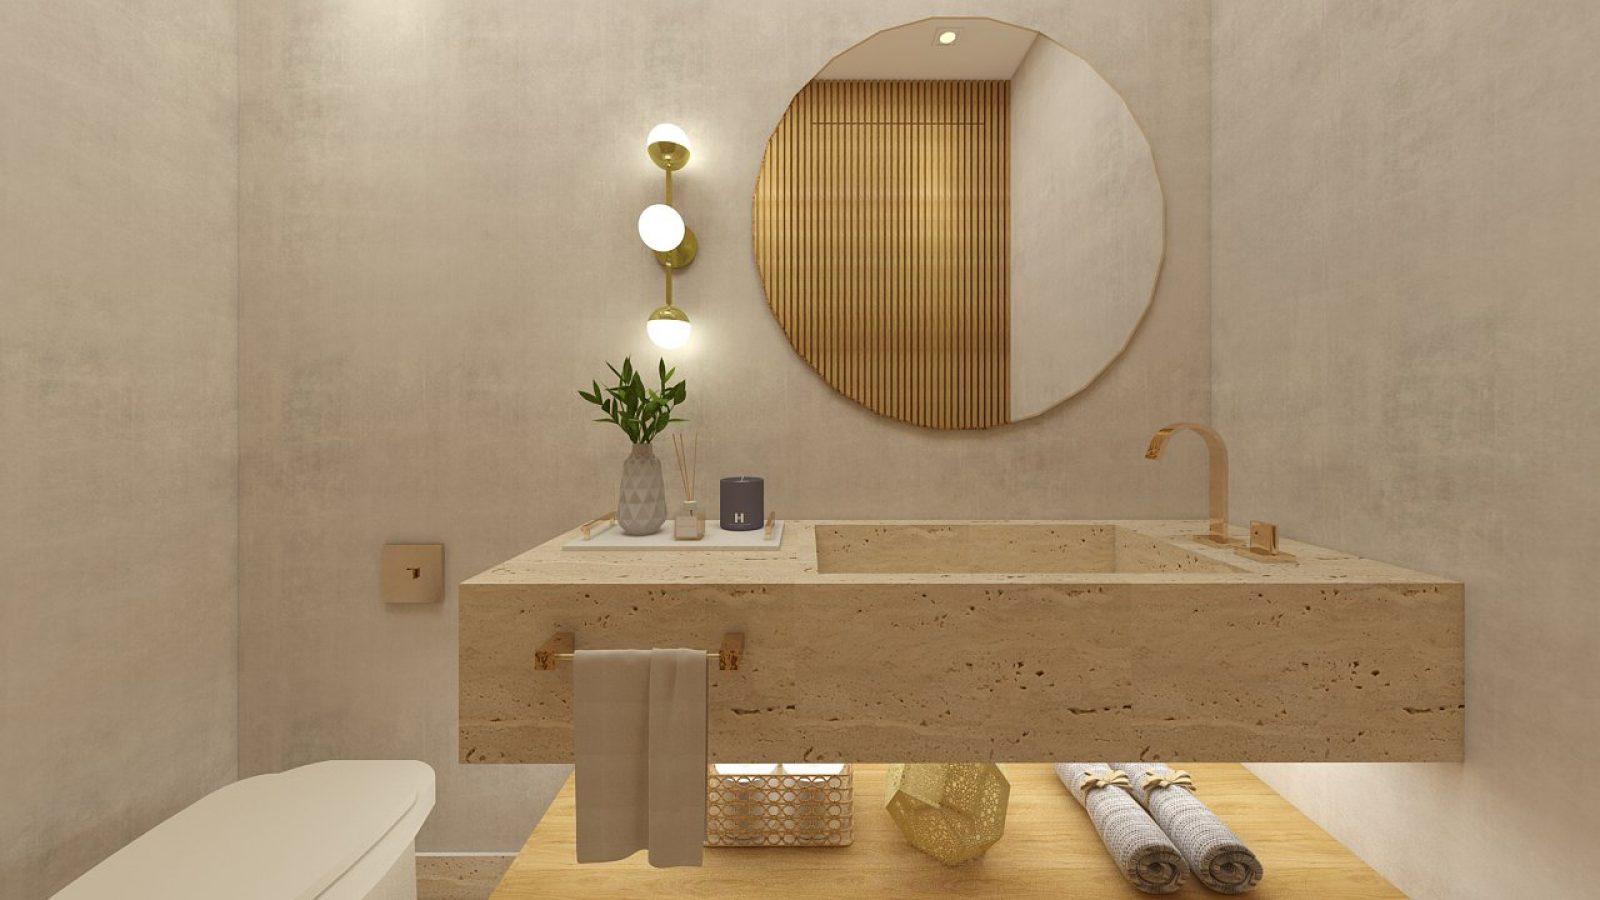 Banheiro com lavabo, espelho redondo e planta sobre a pia.